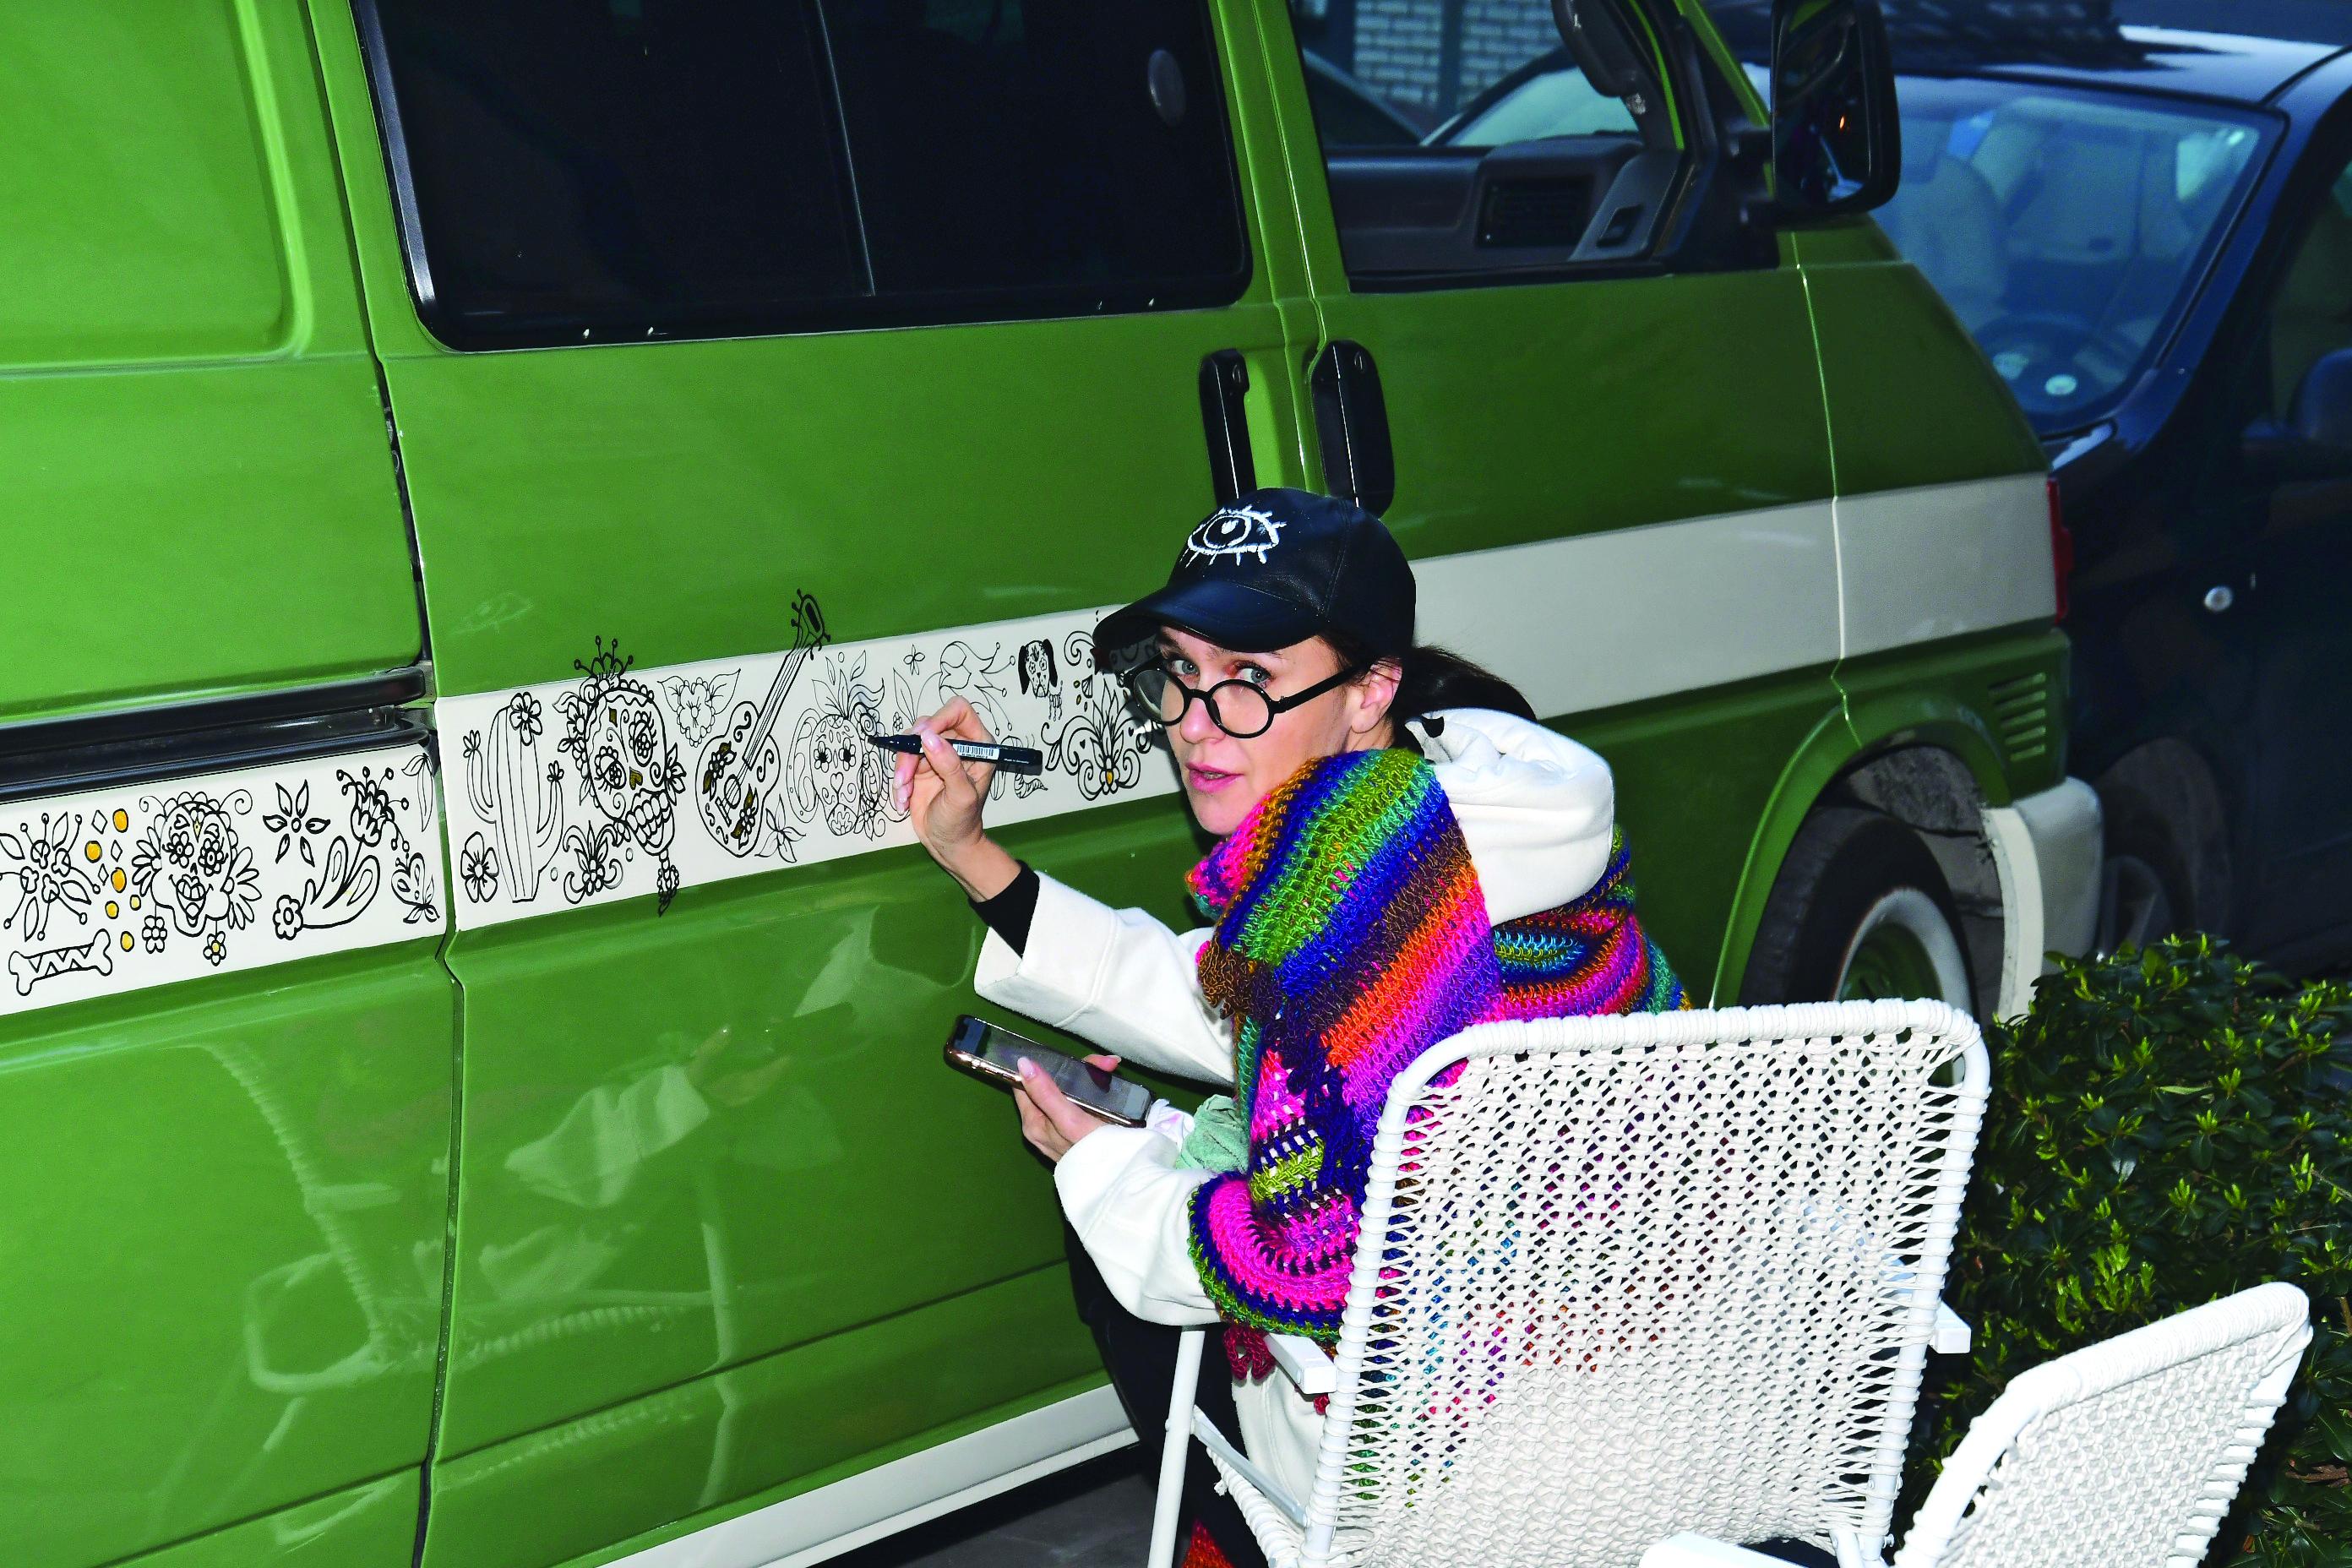 Karavanına resim çiziyor